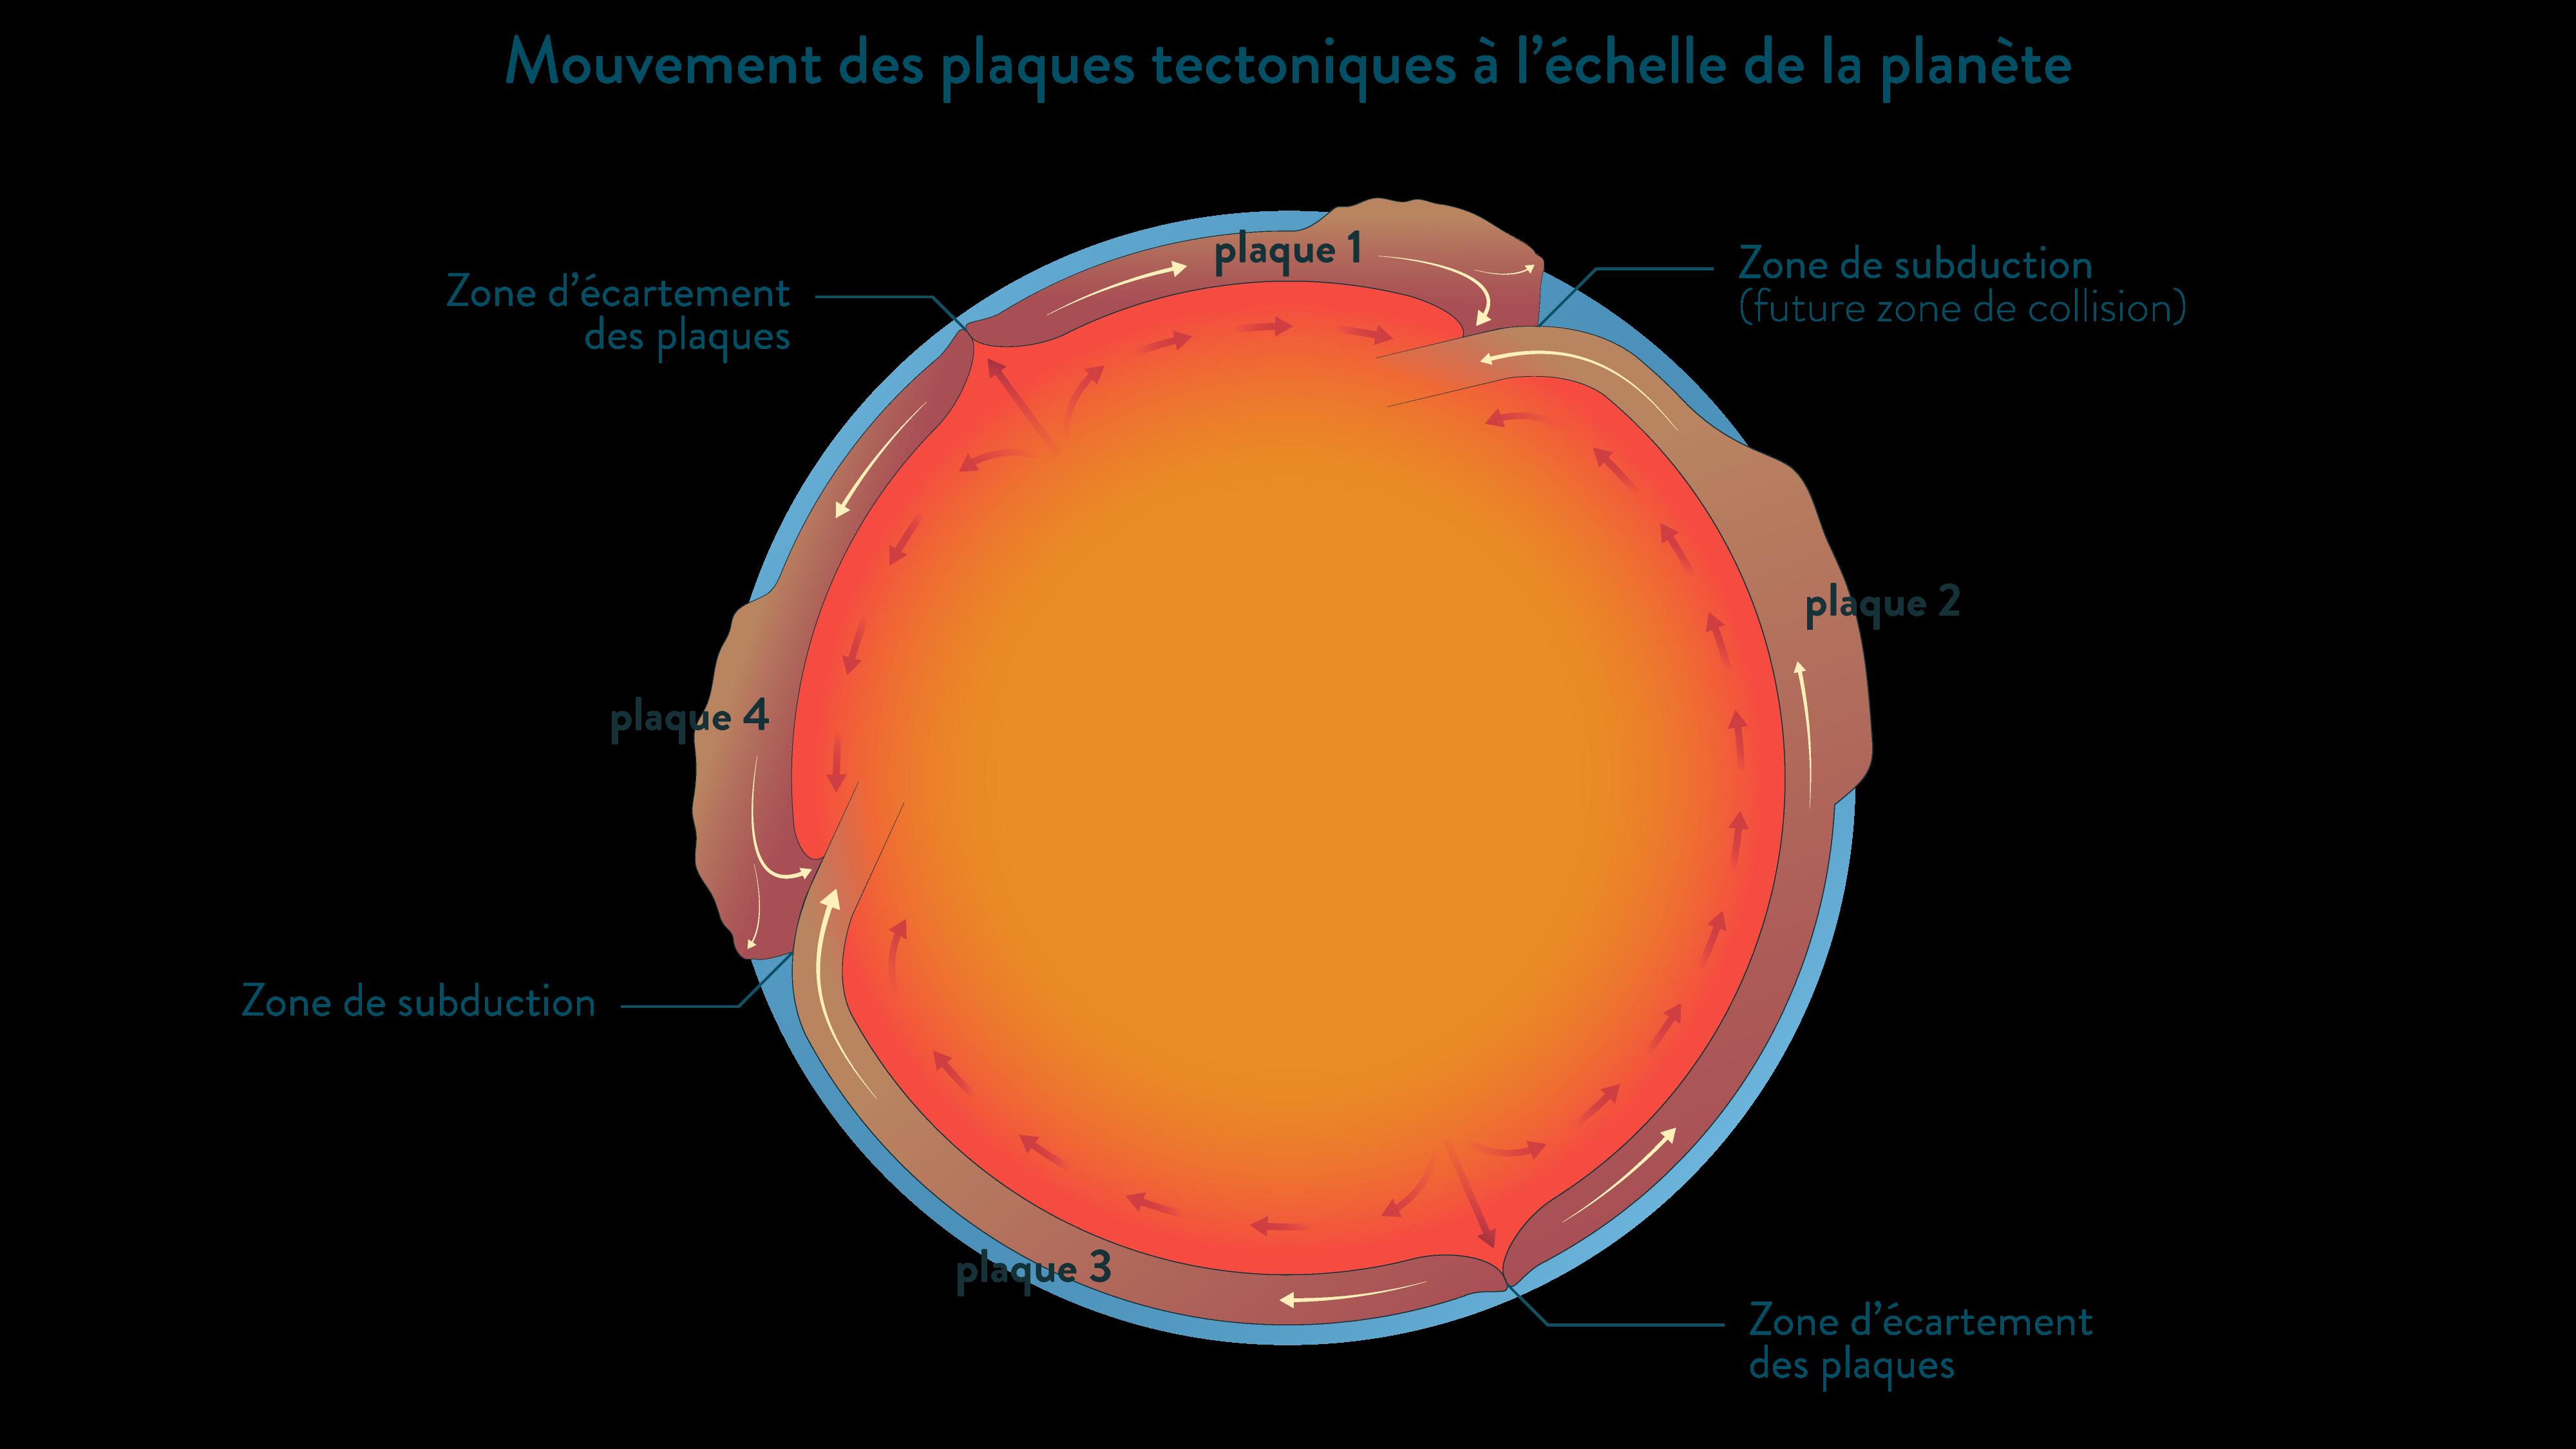 Les mouvements des plaques lithosphériques à l'échelle de la planète vue en coupe